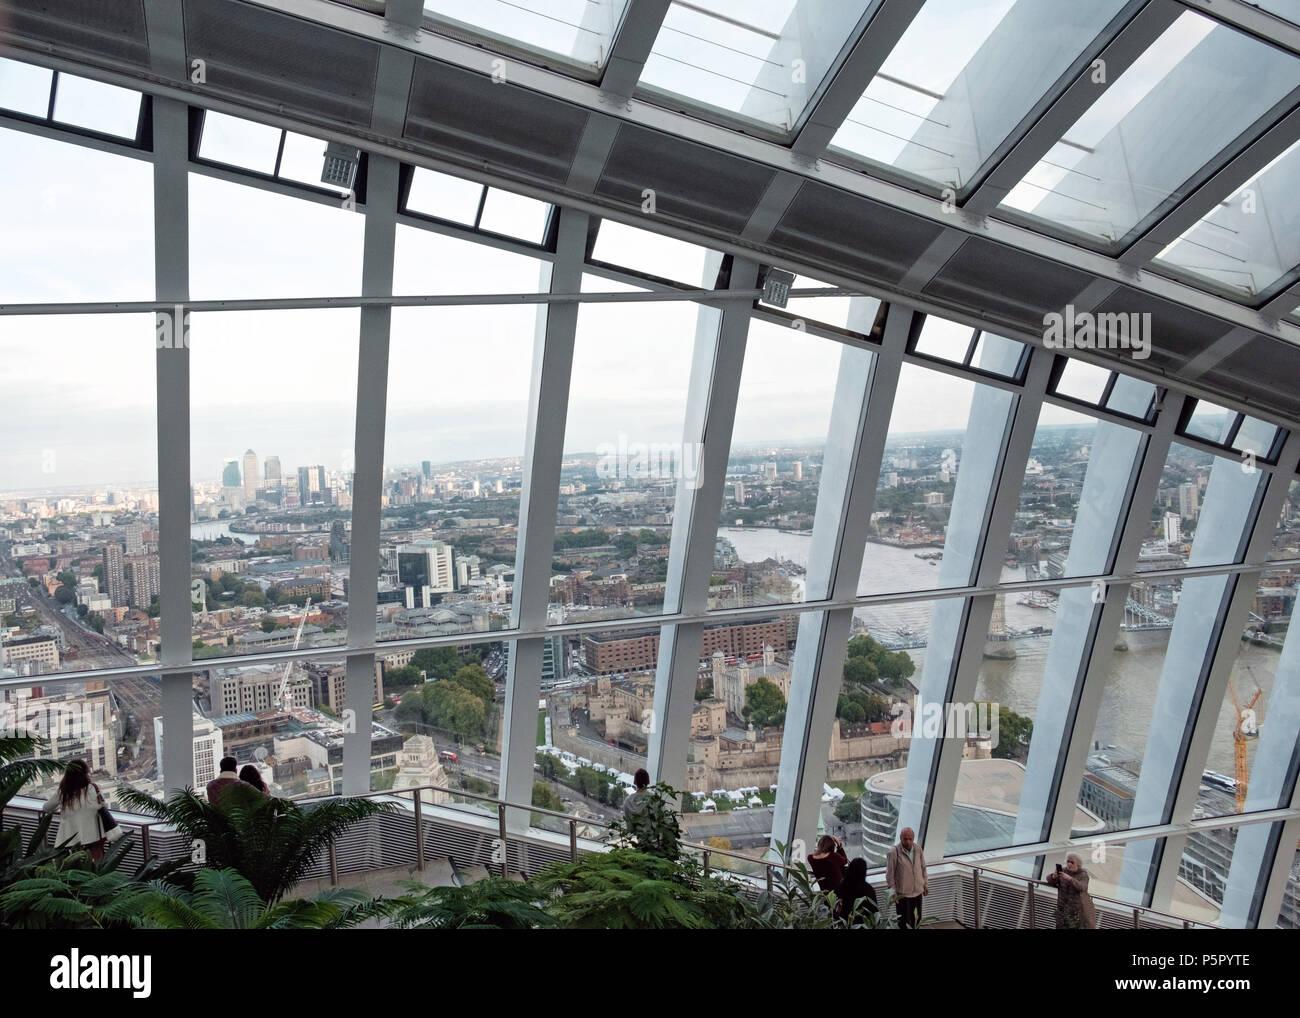 Finestre grandi con vista di Londra da Sky Garden, 20 Fenchurch San noto come walkie-talkie. Persone su scale, piante in primo piano. Posizione orizzontale Immagini Stock